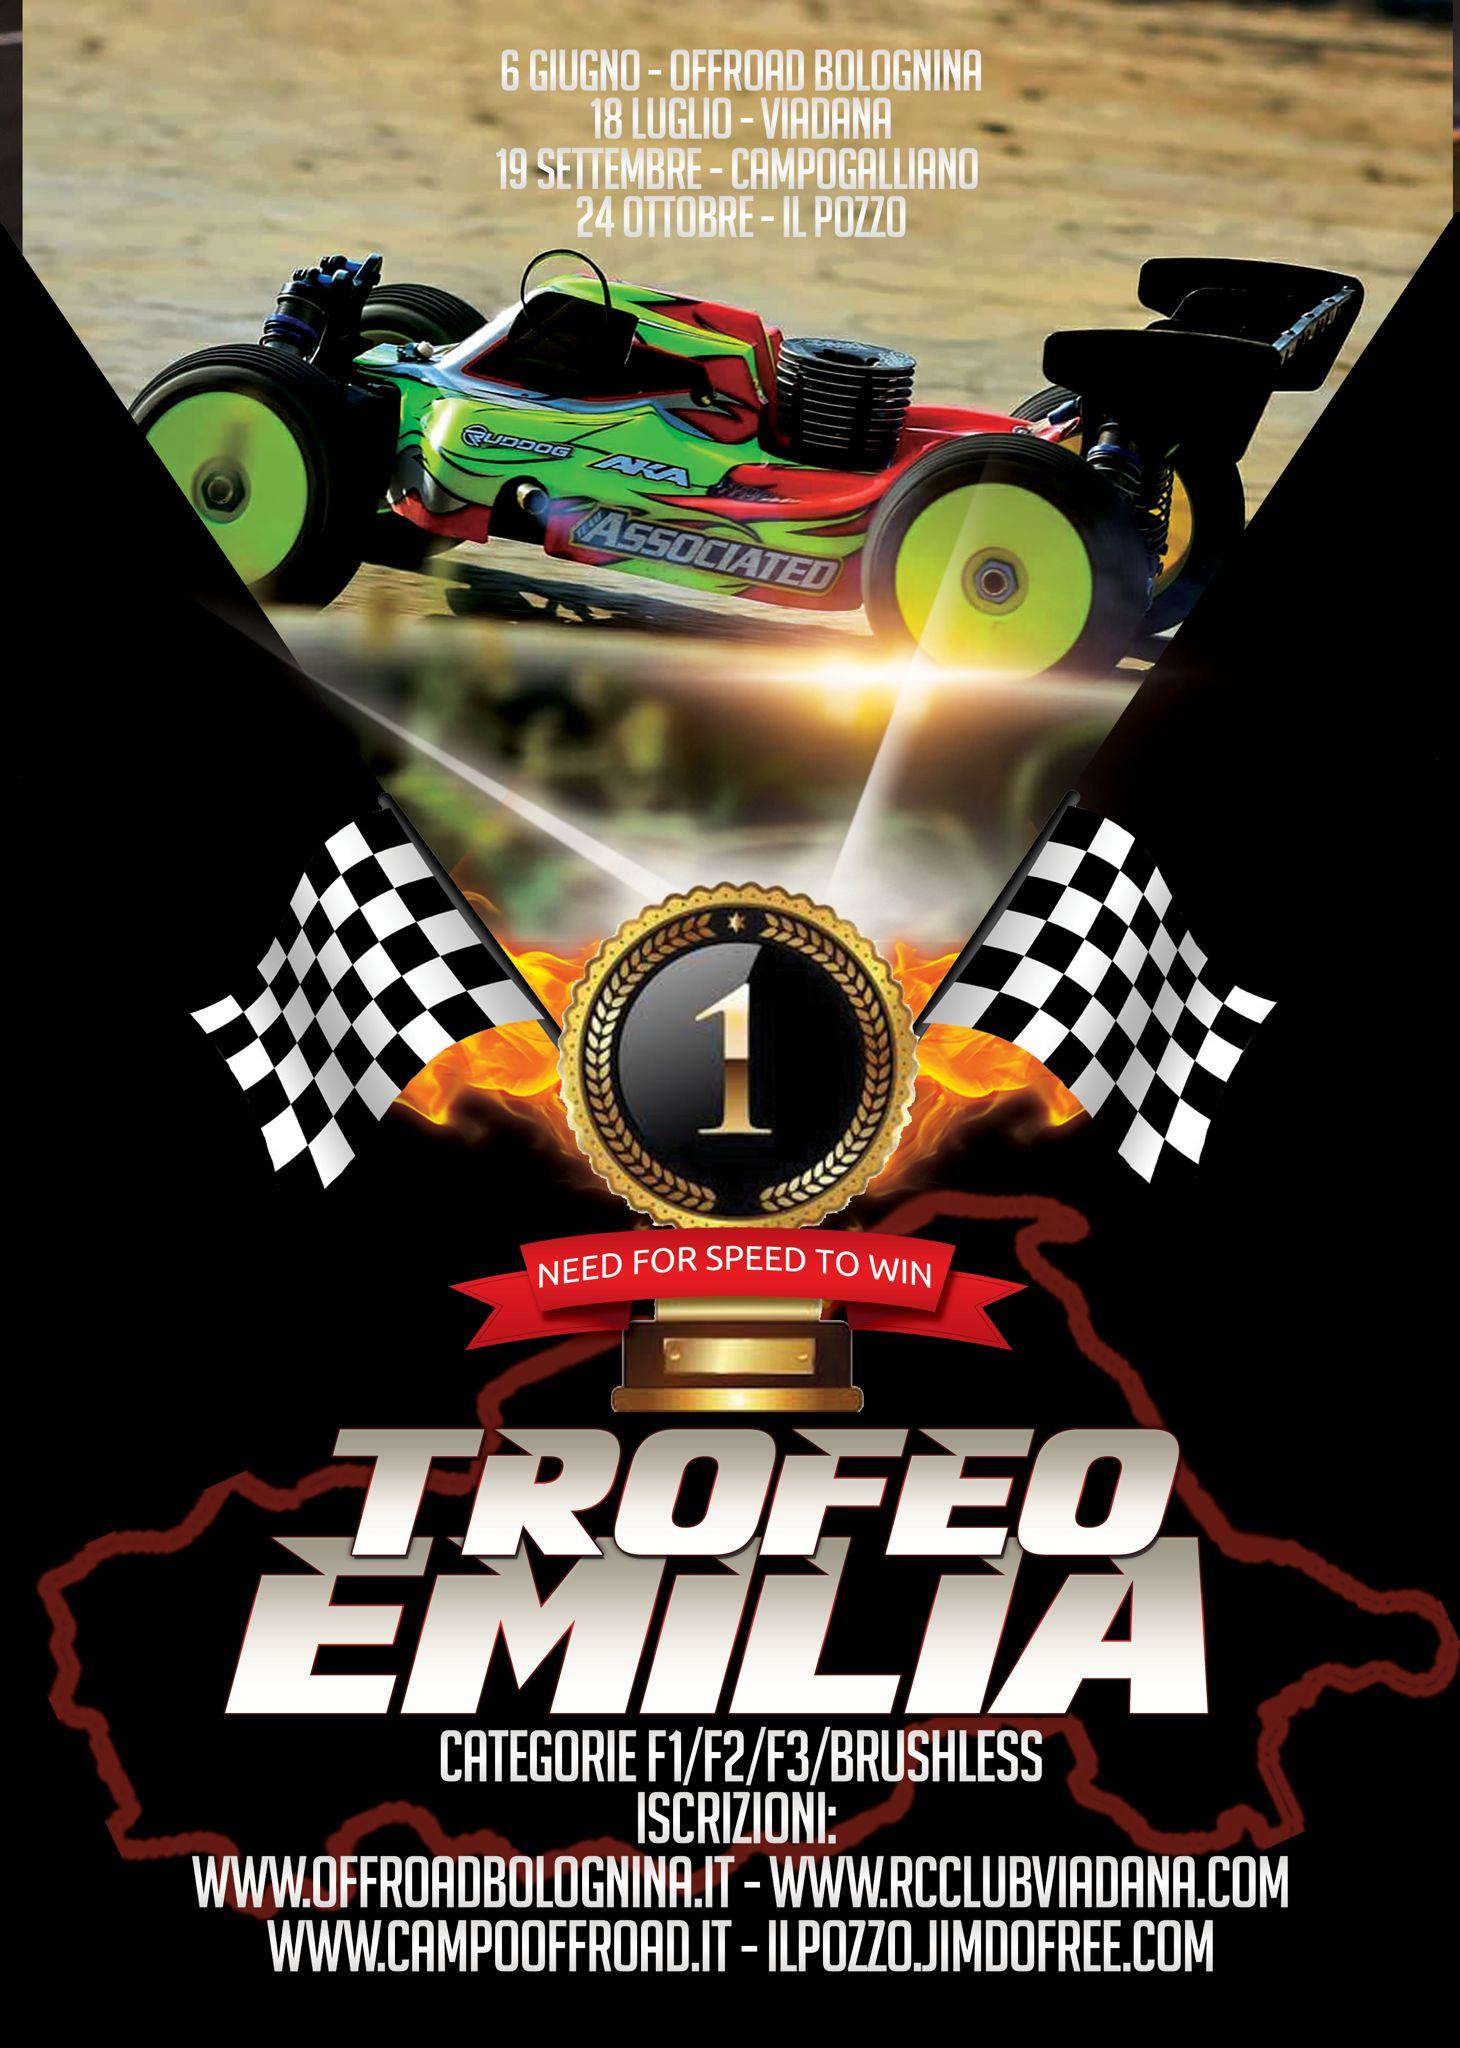 1° Trofeo Emilia 6 Giugno 2021